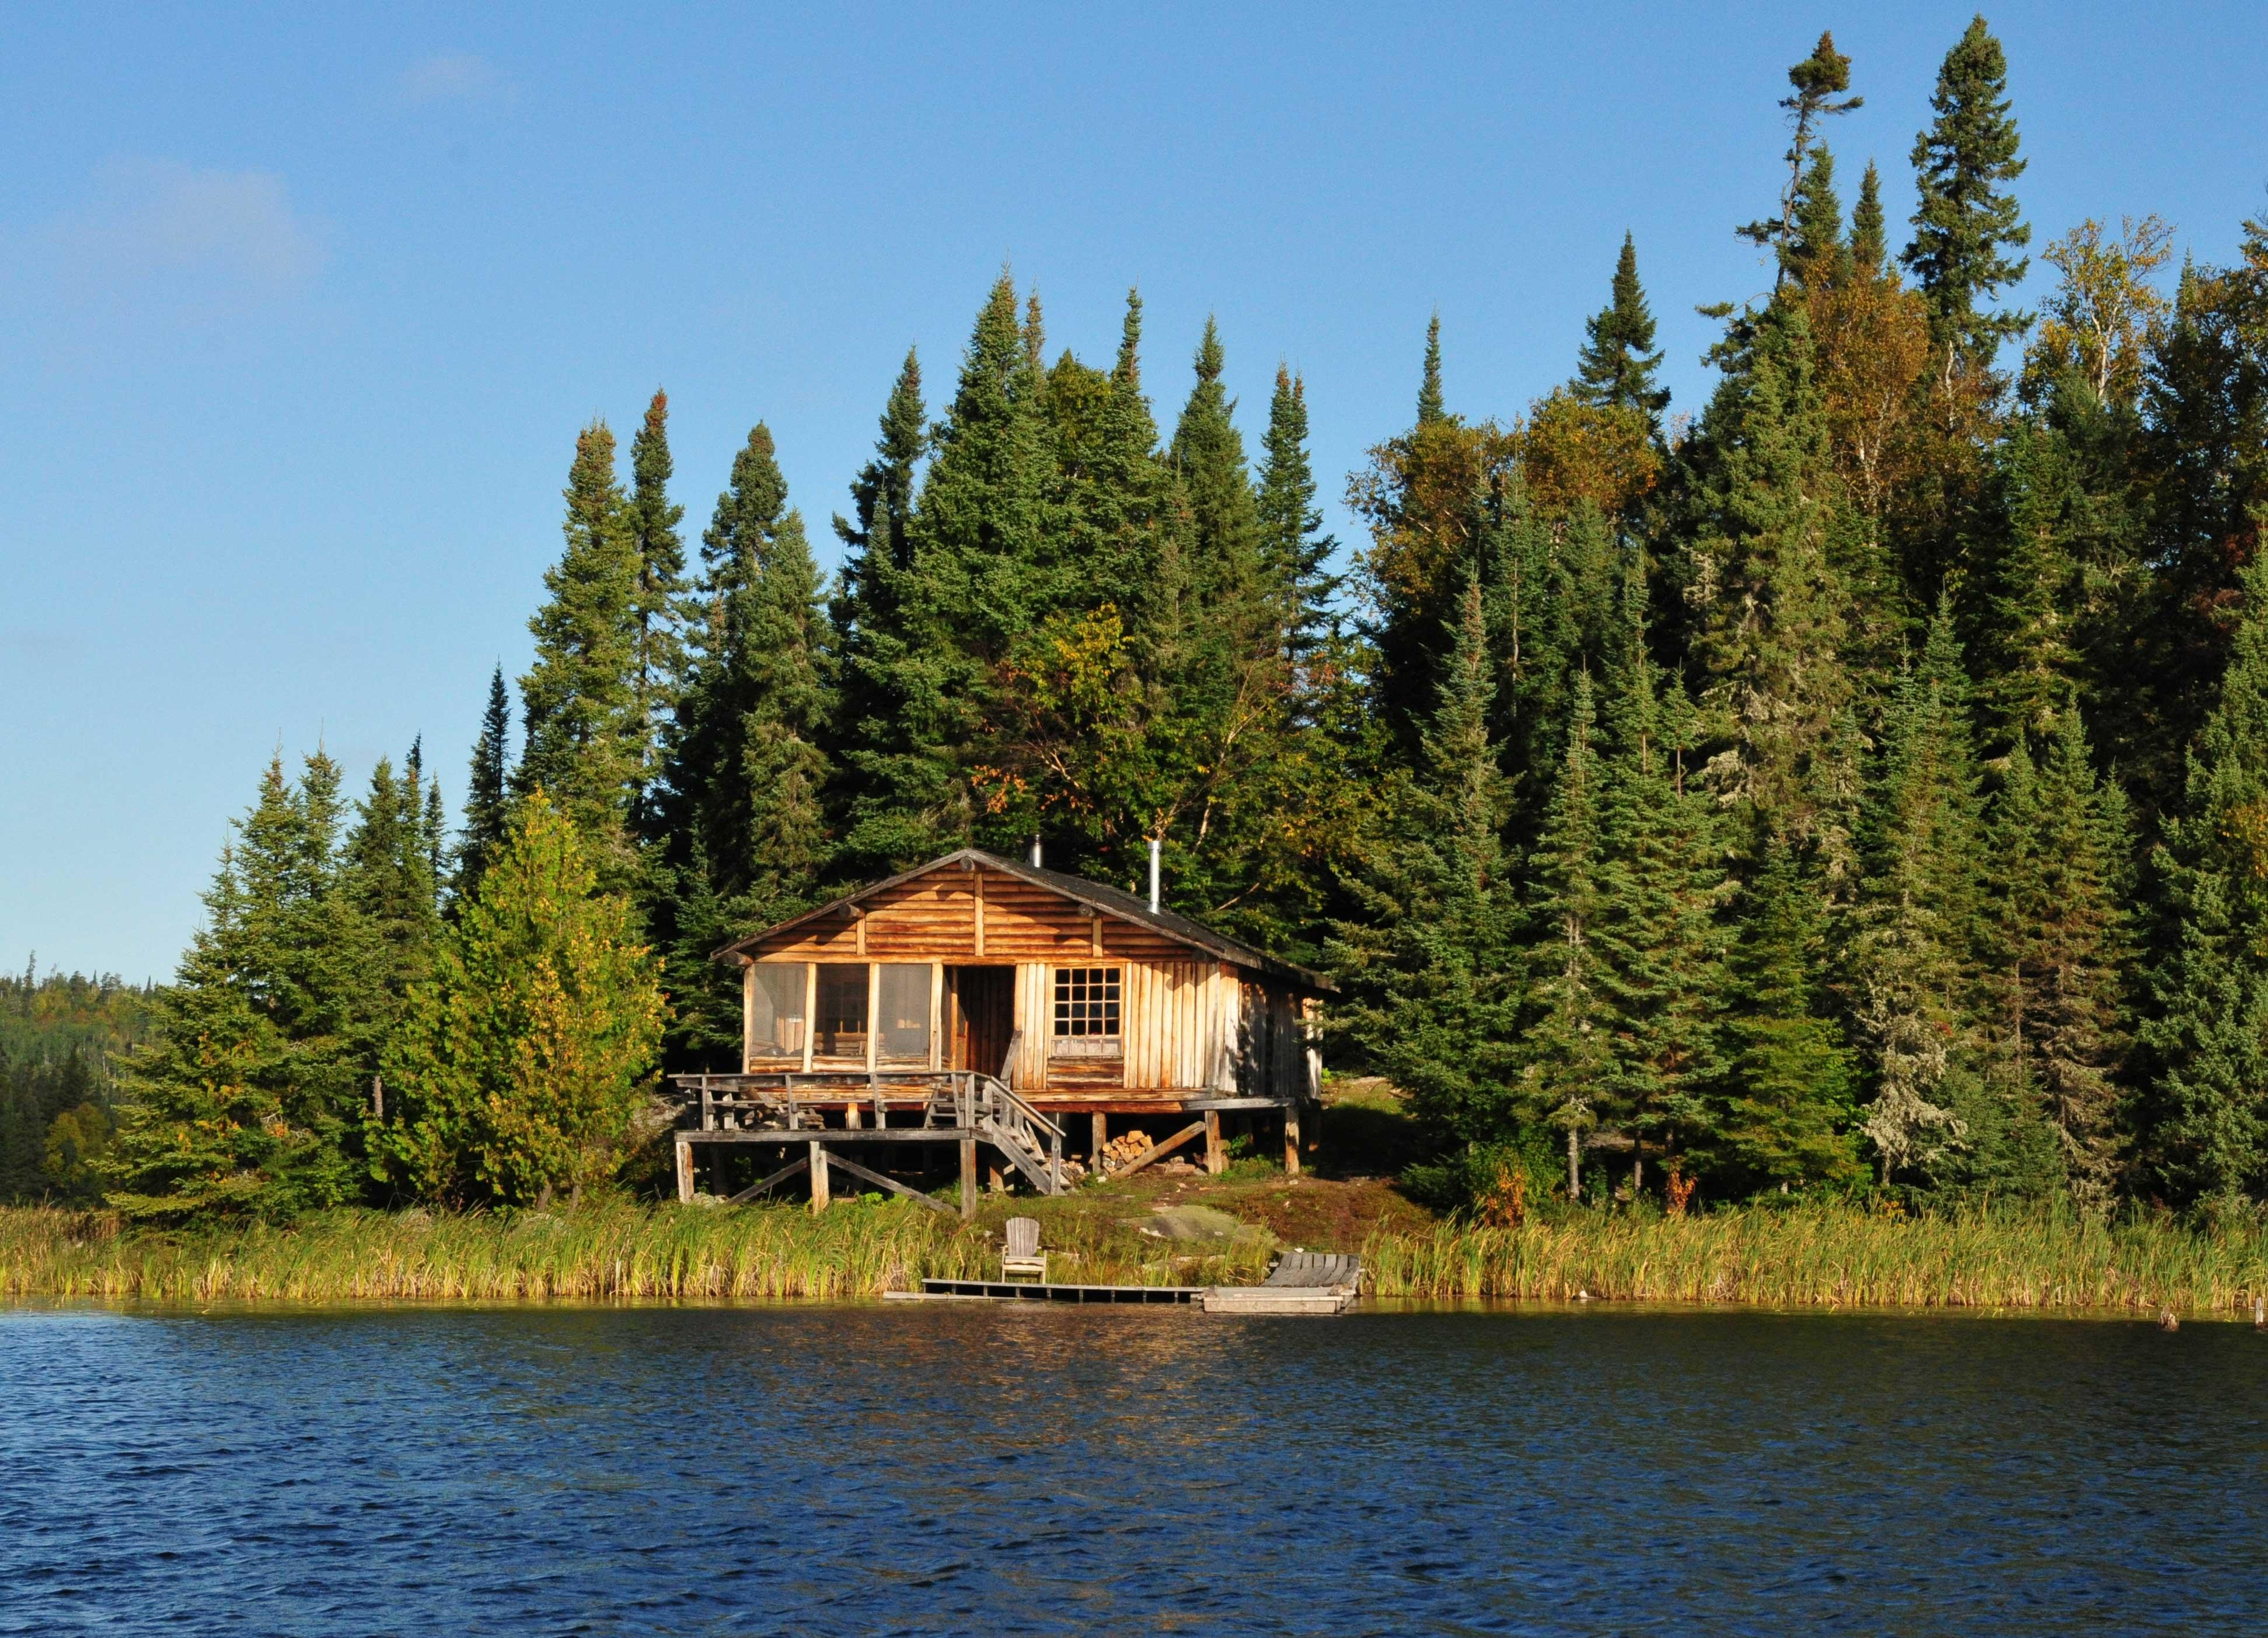 Holzhaus der Lodge